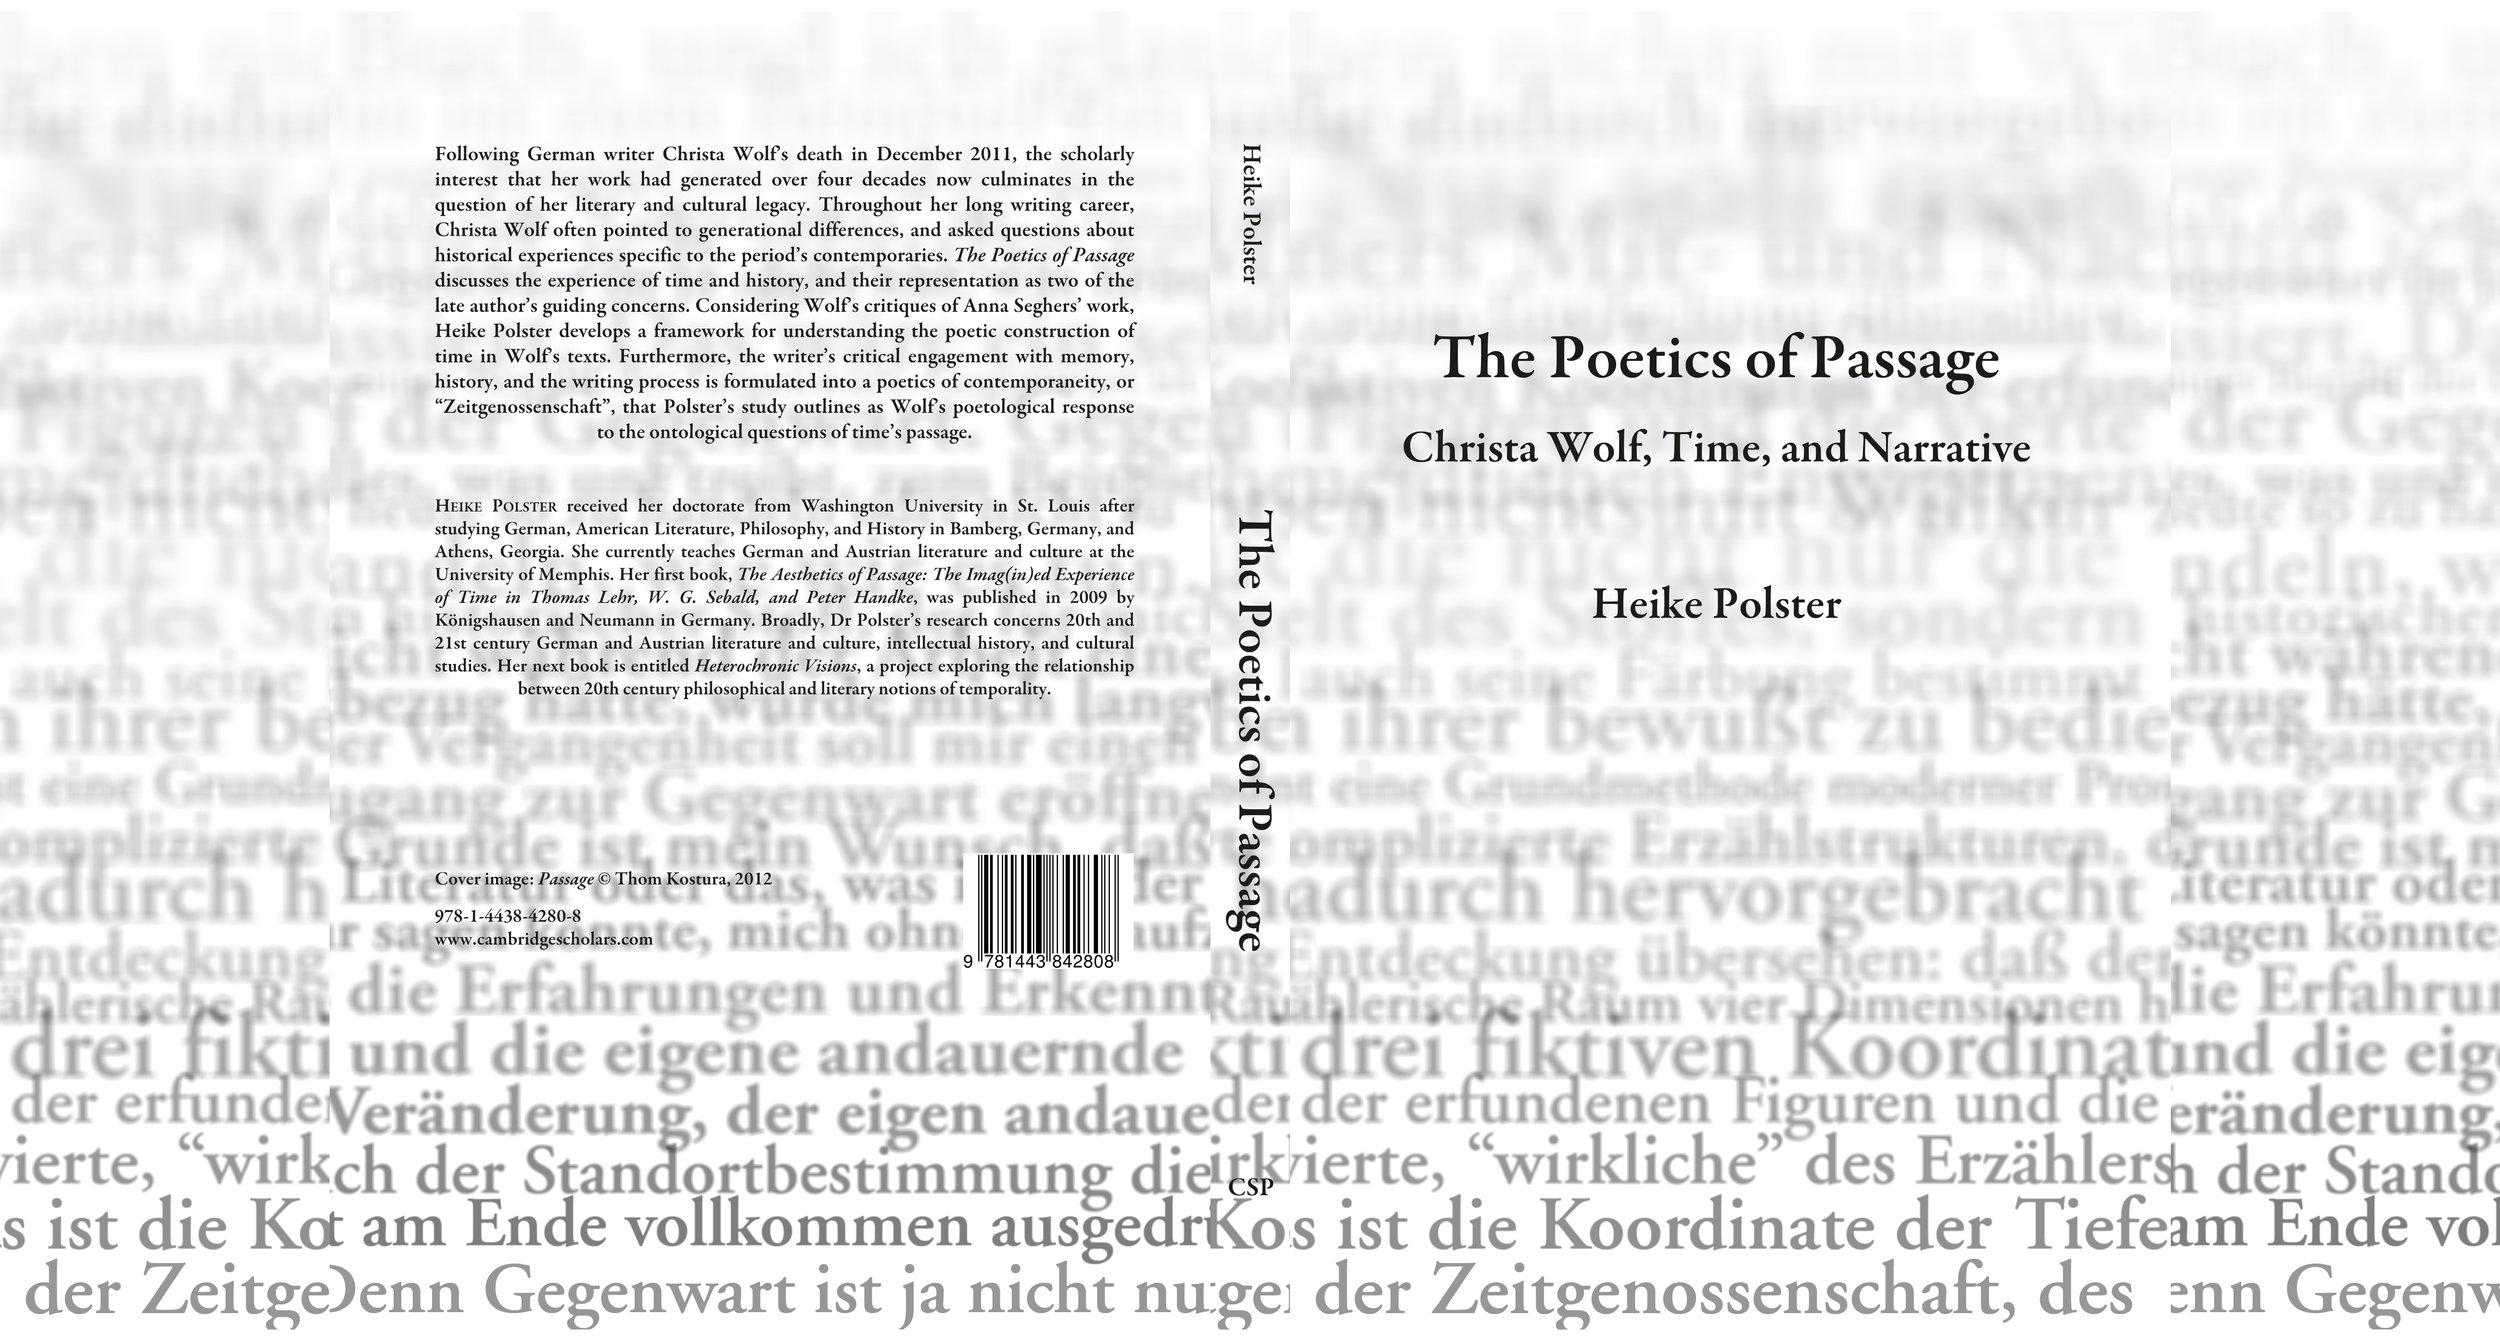 Poetics of passage copy.jpg